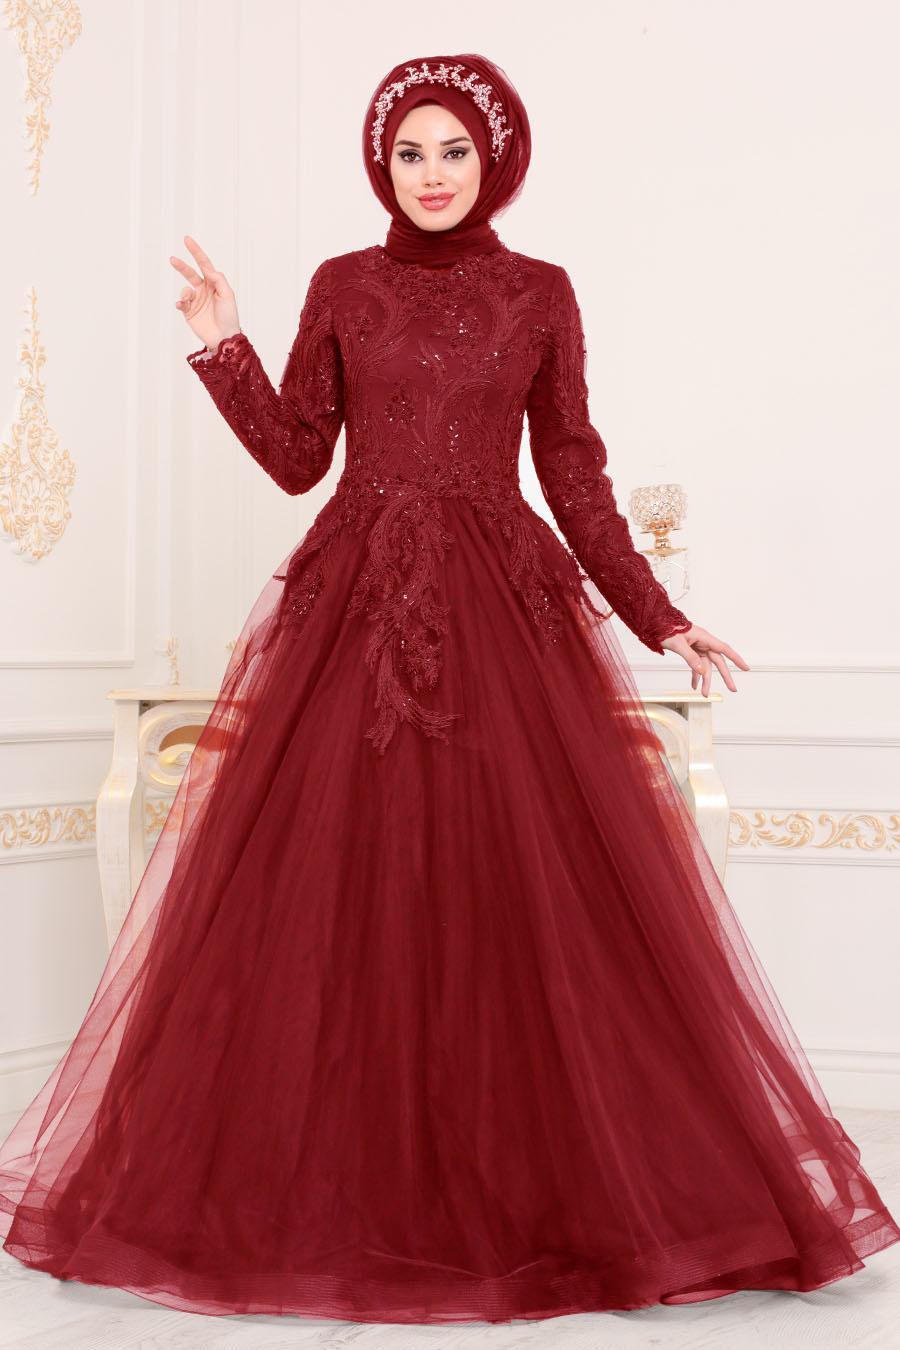 Tesettürlü Abiye Elbise - Dantel Detaylı Bordo Tesettür Abiye Elbise 4689BR